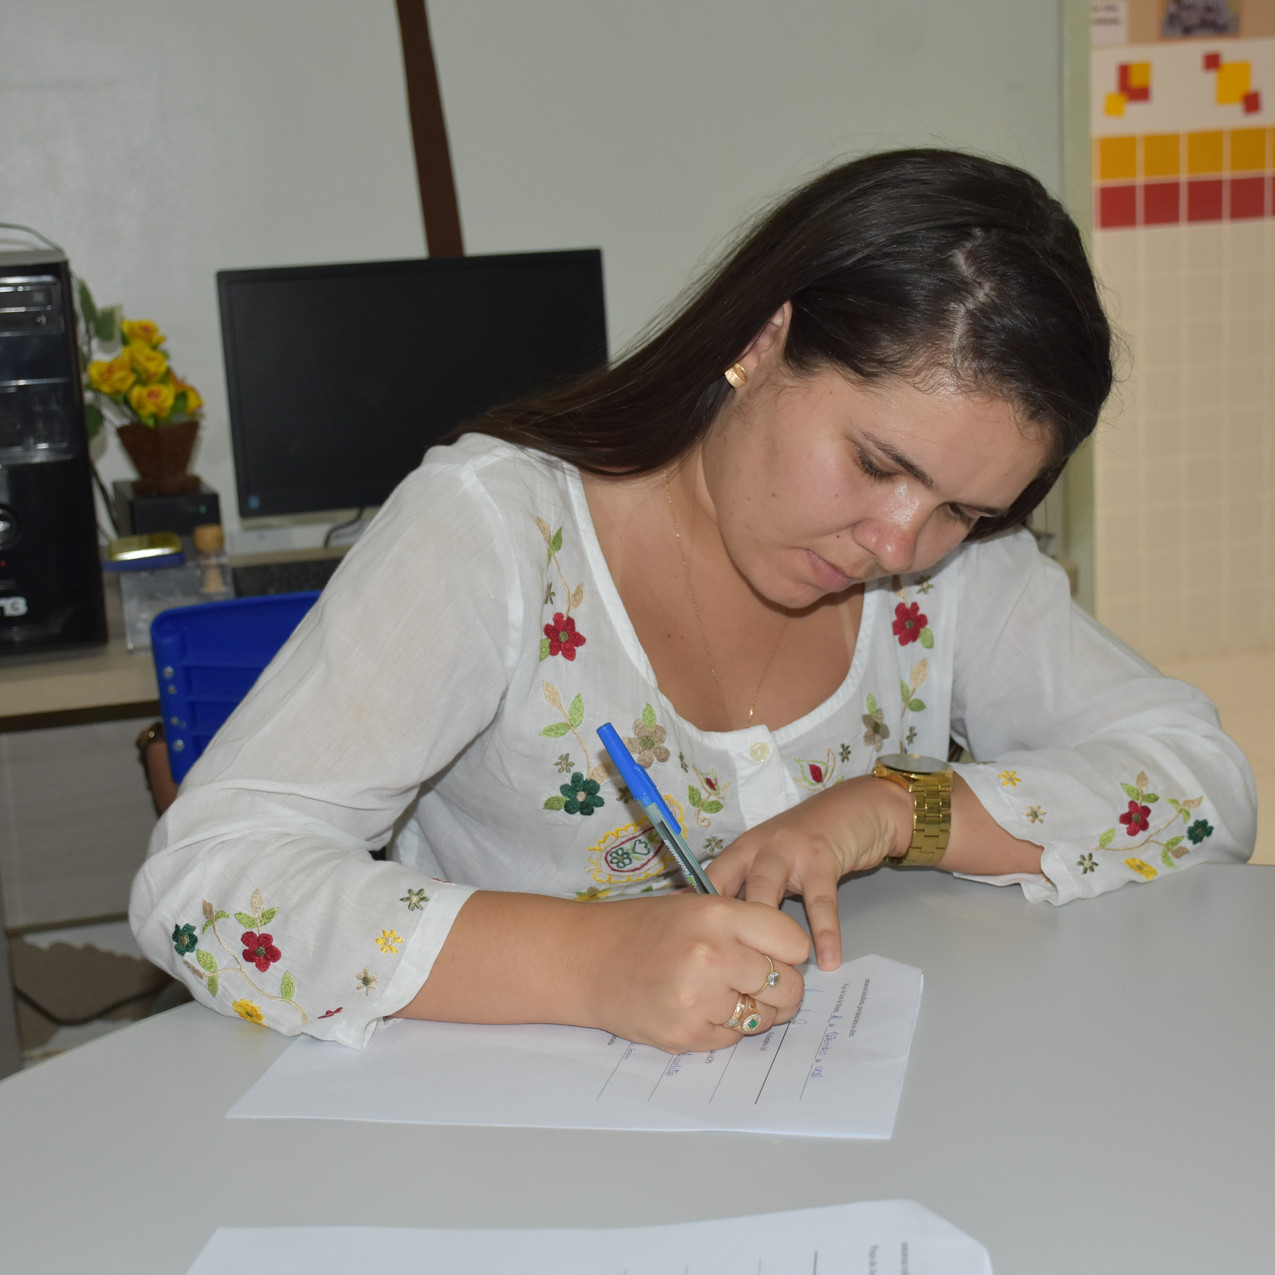 Ariane da Costa Duarte